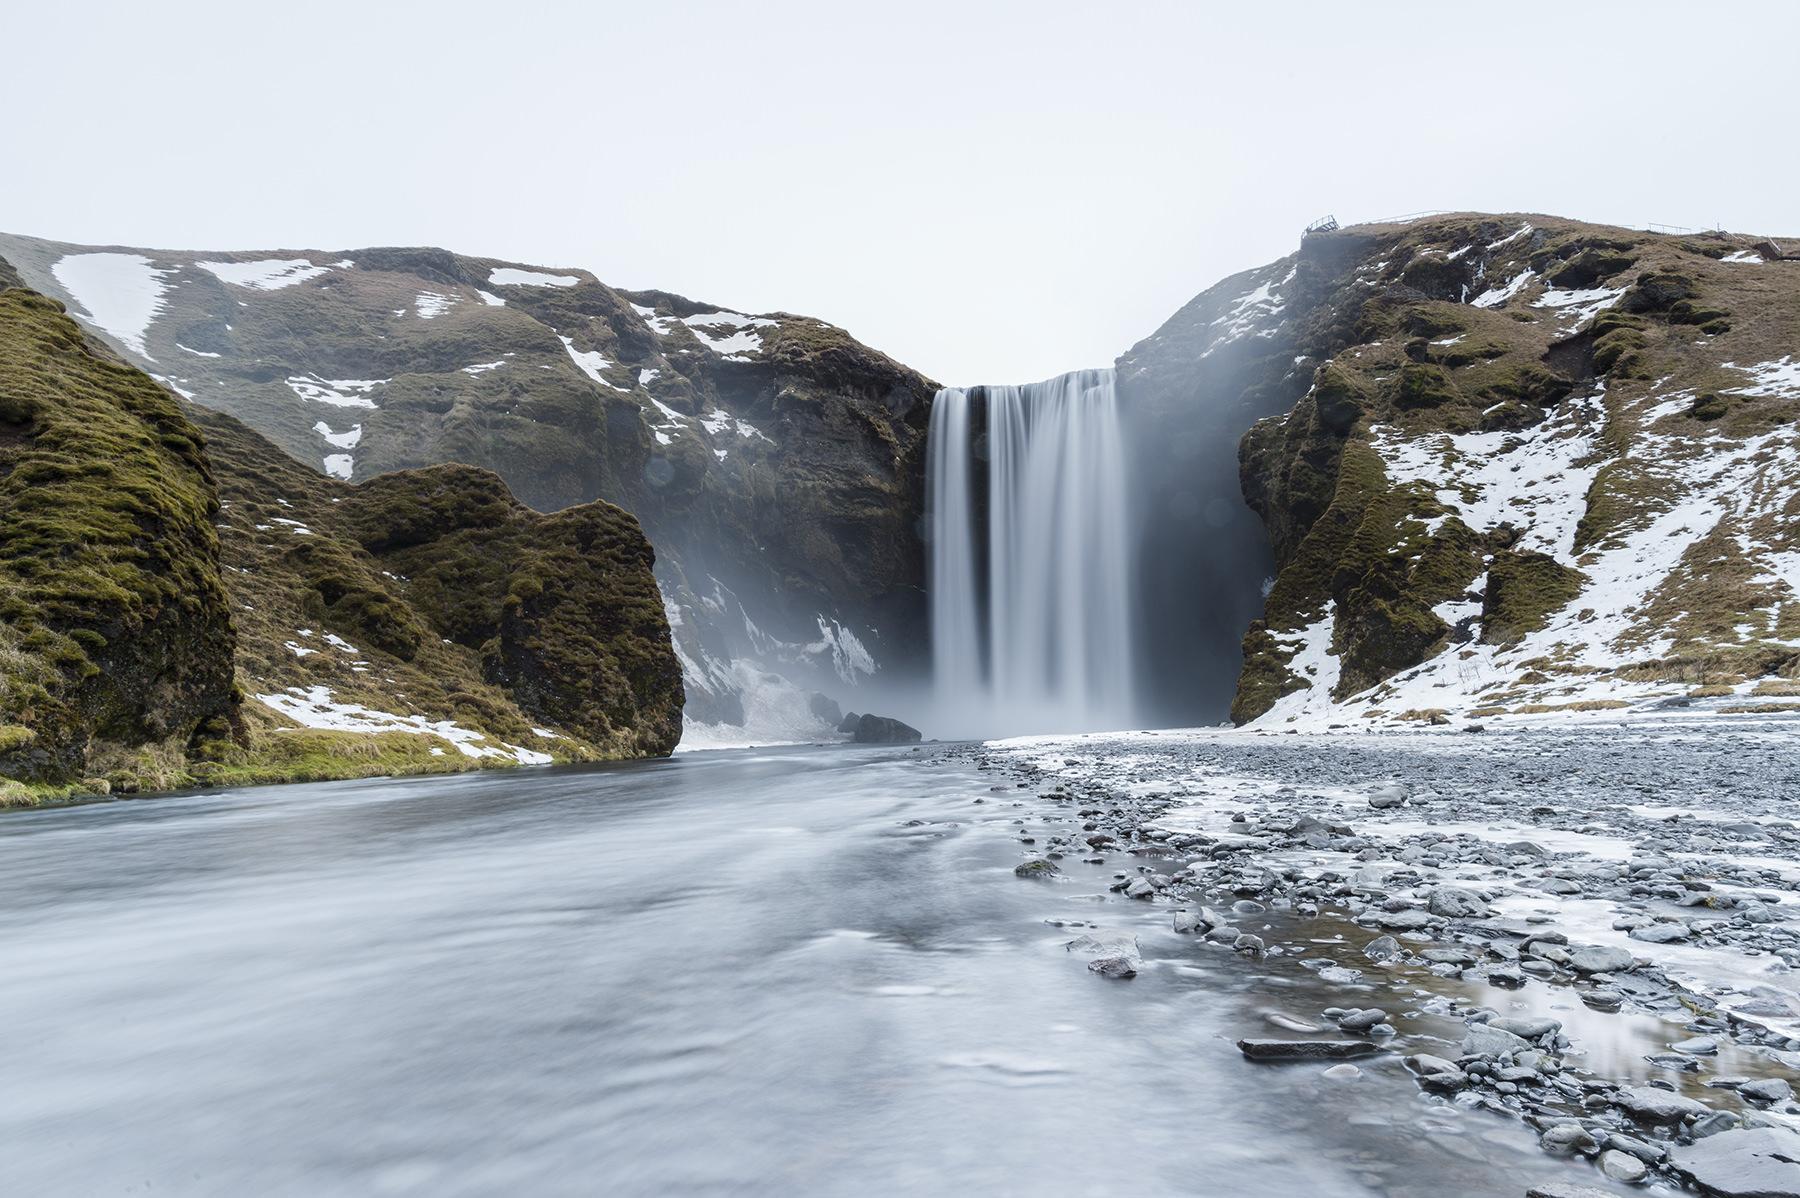 Islande <br> Focal : 20mm - Ouverture : F/16 - Vitesse : 10